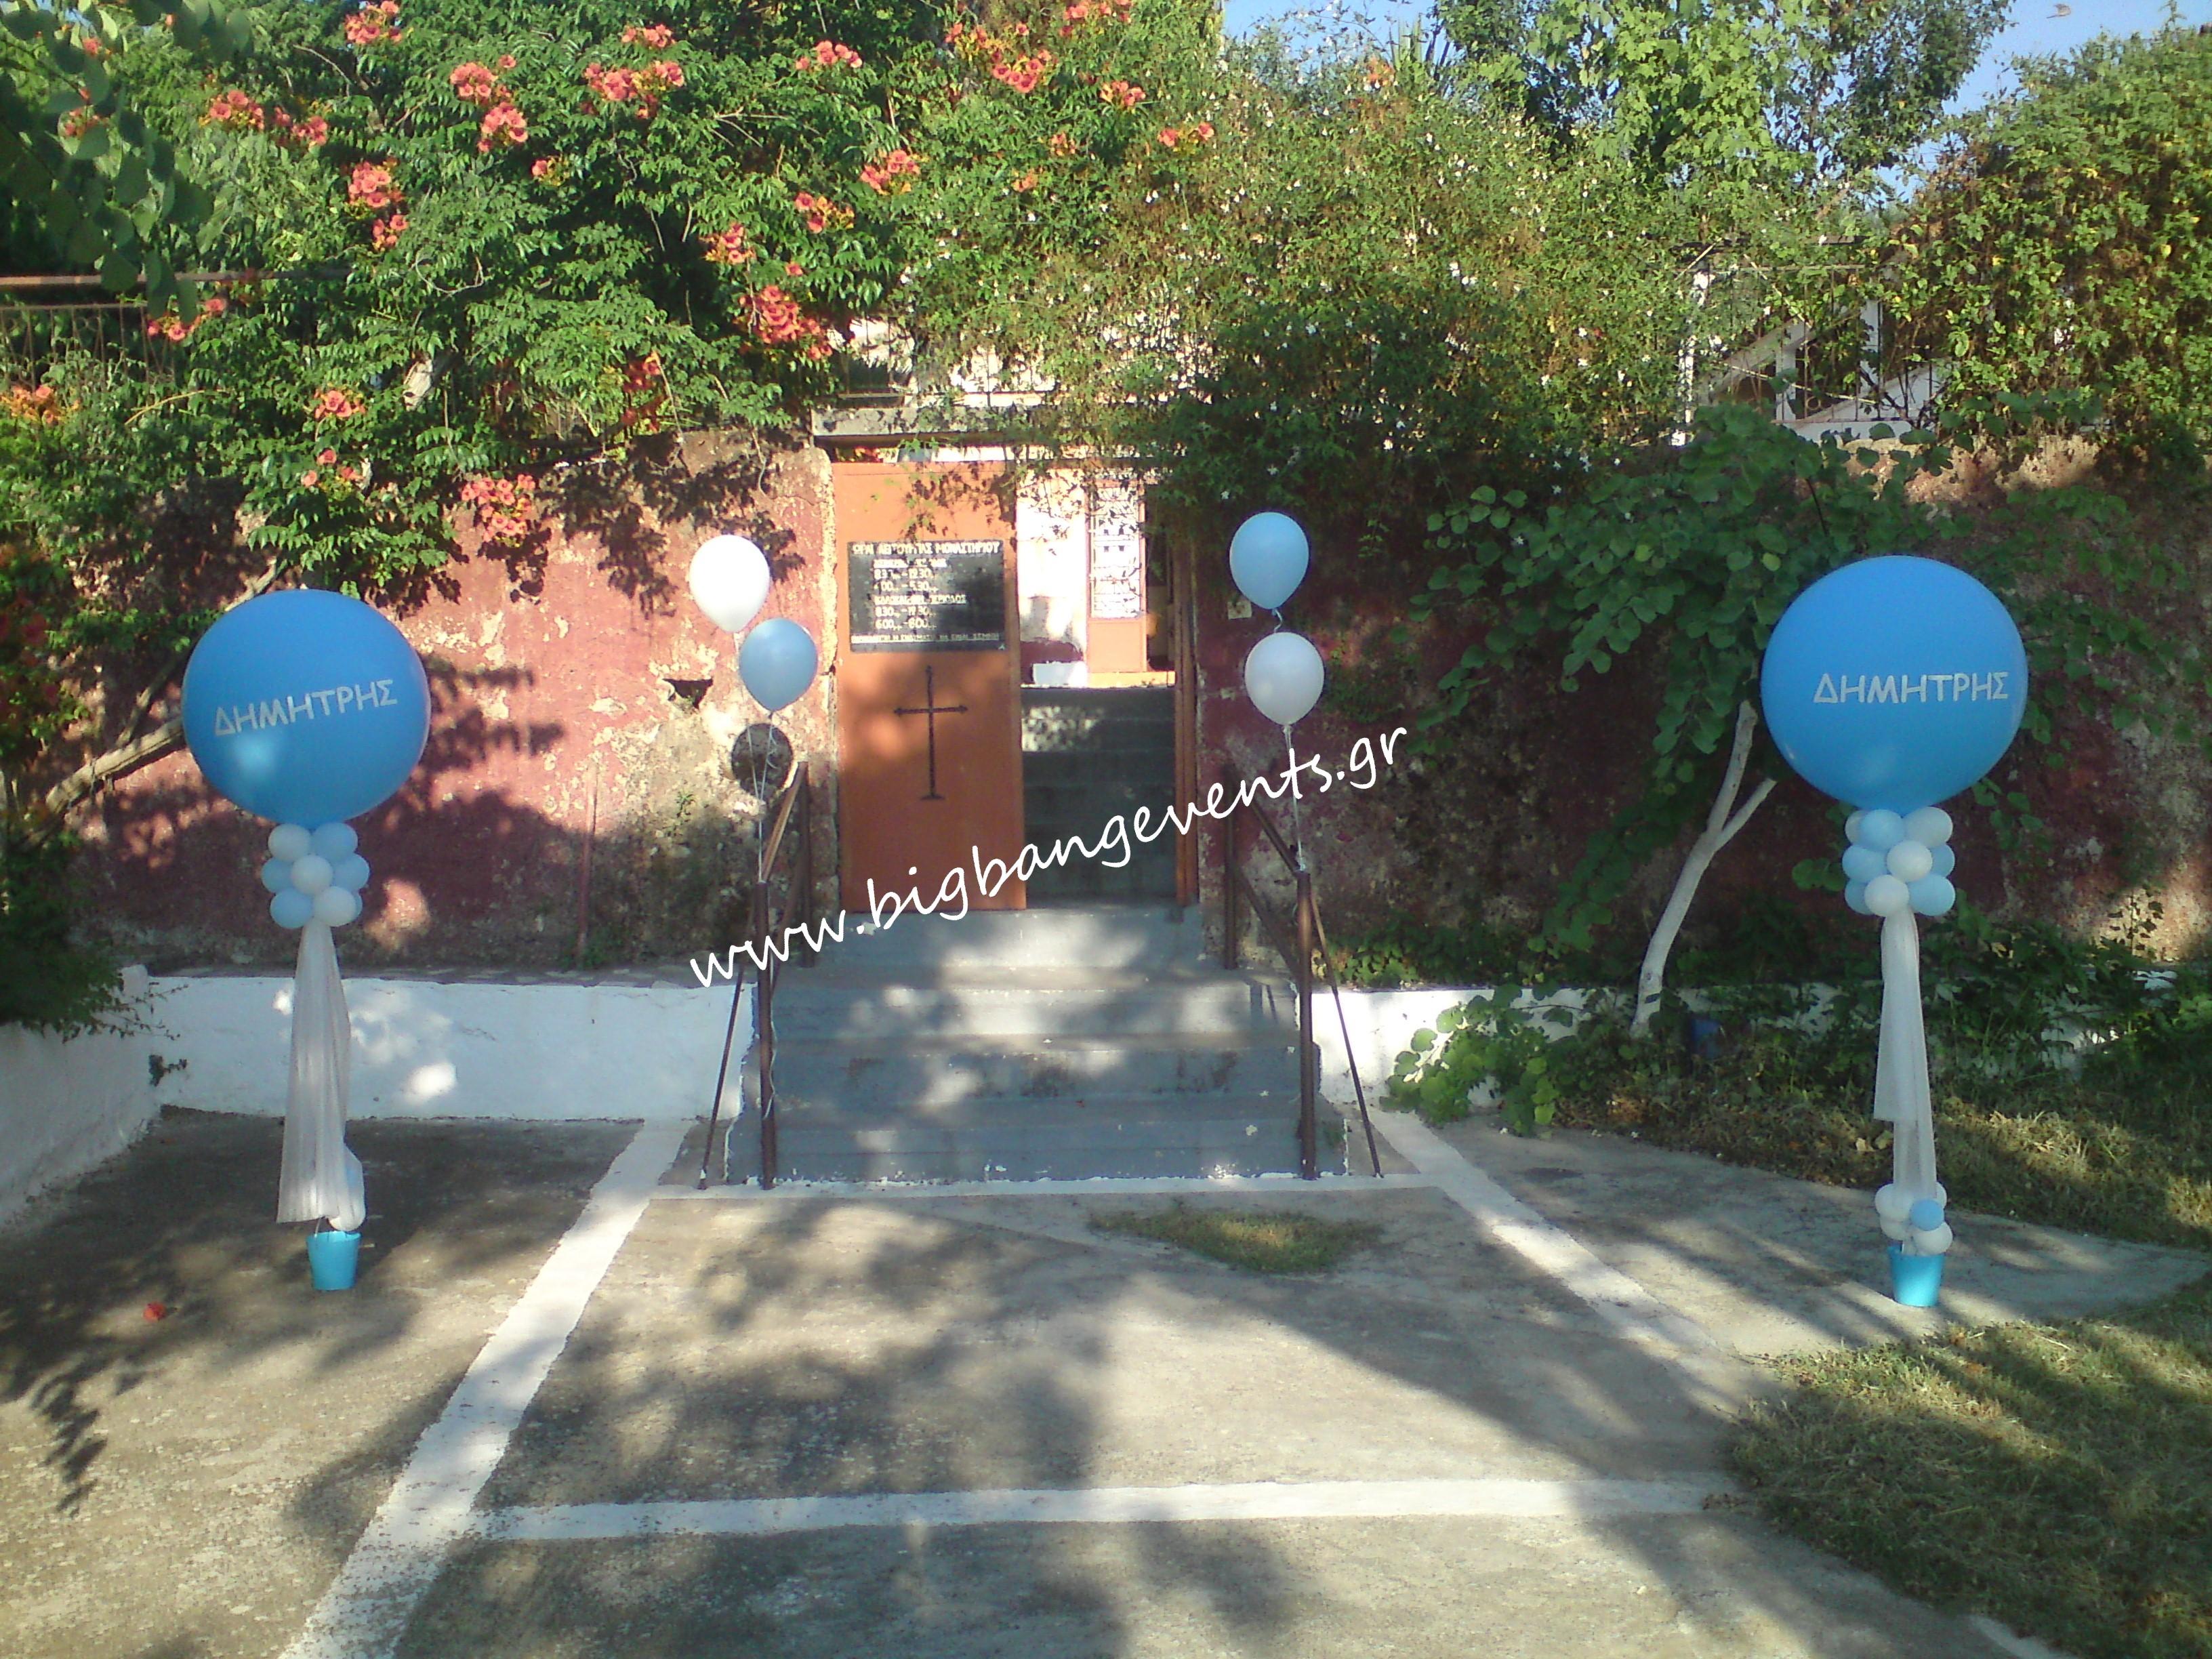 εισοδος με 2 μπαλονια με ονομα